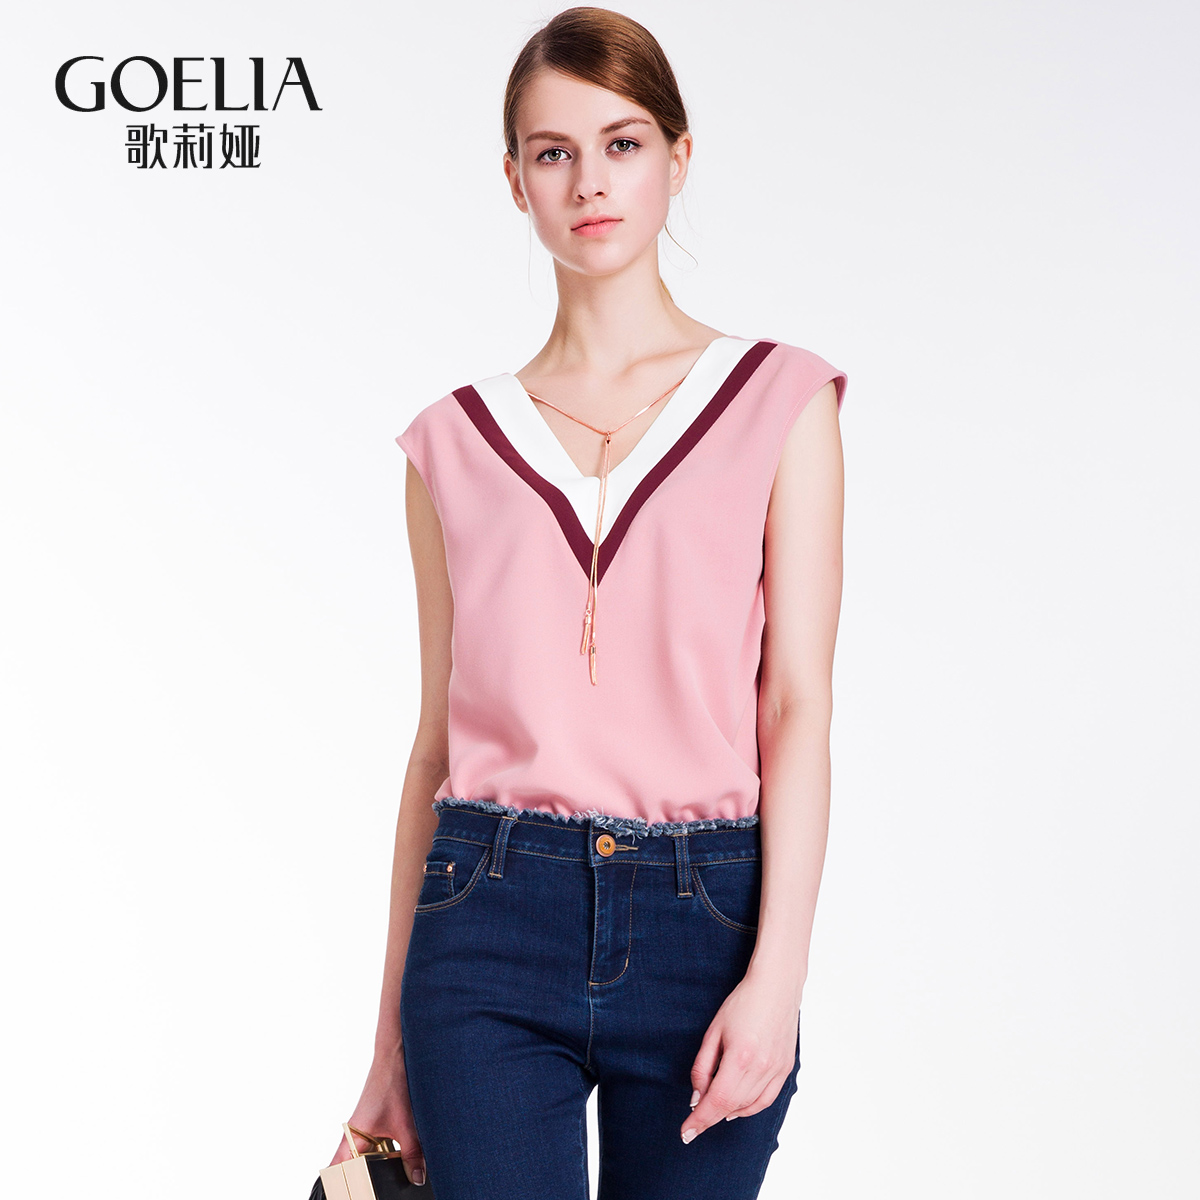 歌莉娅女装 歌莉娅女装 秋直筒V领背心纯色短款T恤167R3A020_推荐淘宝好看的歌莉娅